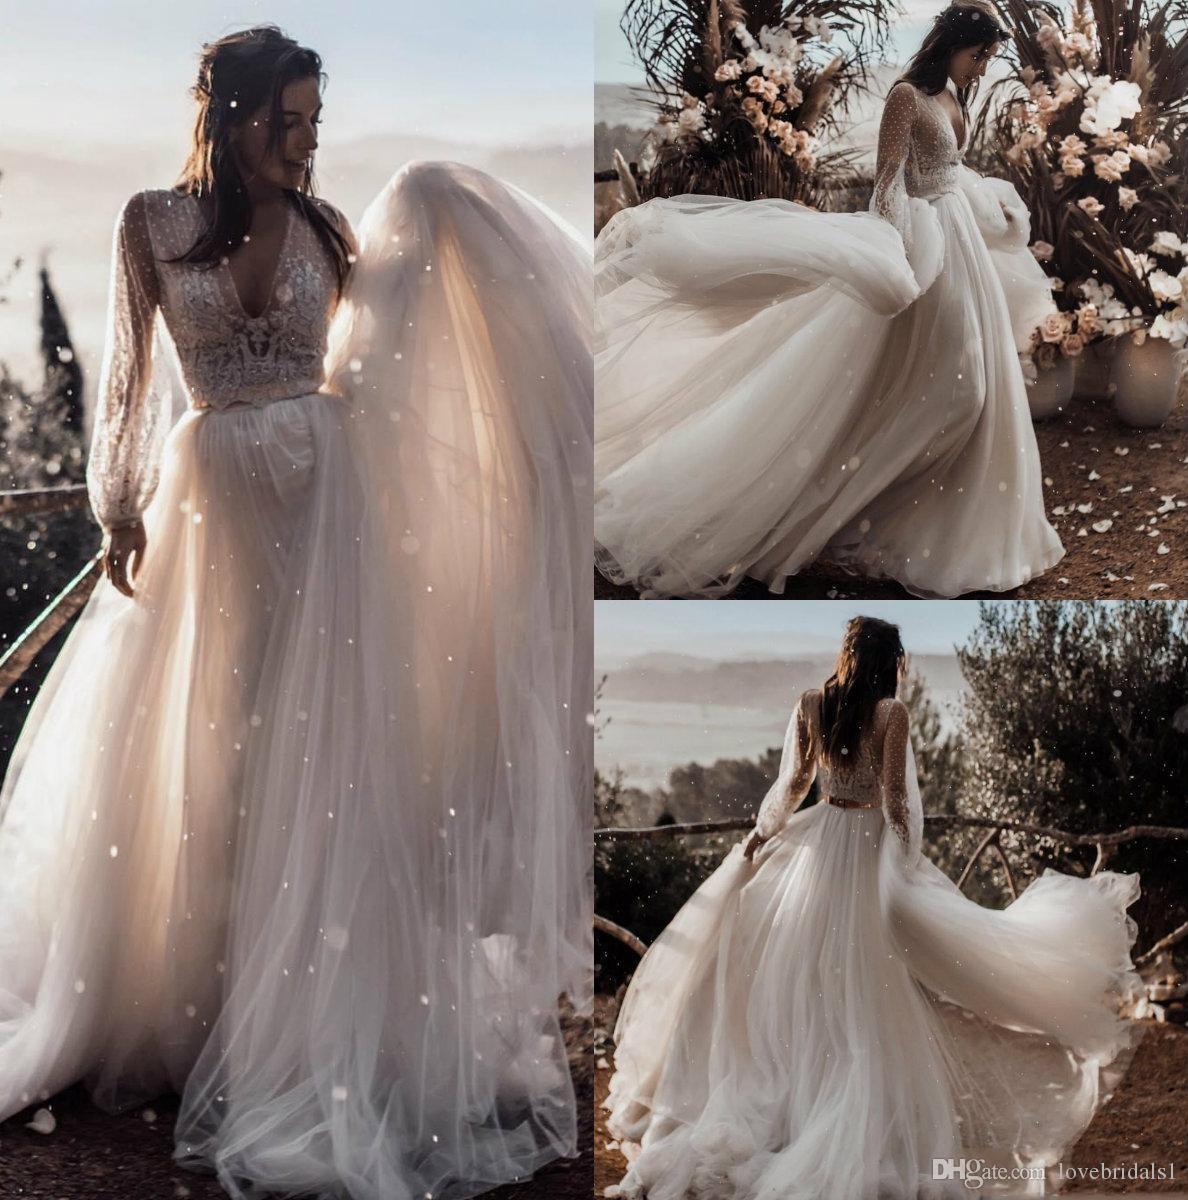 Robes de mariée sur la plage 2019 Charmante Deux Pièce LAce Manches Longues Tulle Etage Longueur Plus Grande taille Robes De Mariée 2019 Pas Cher